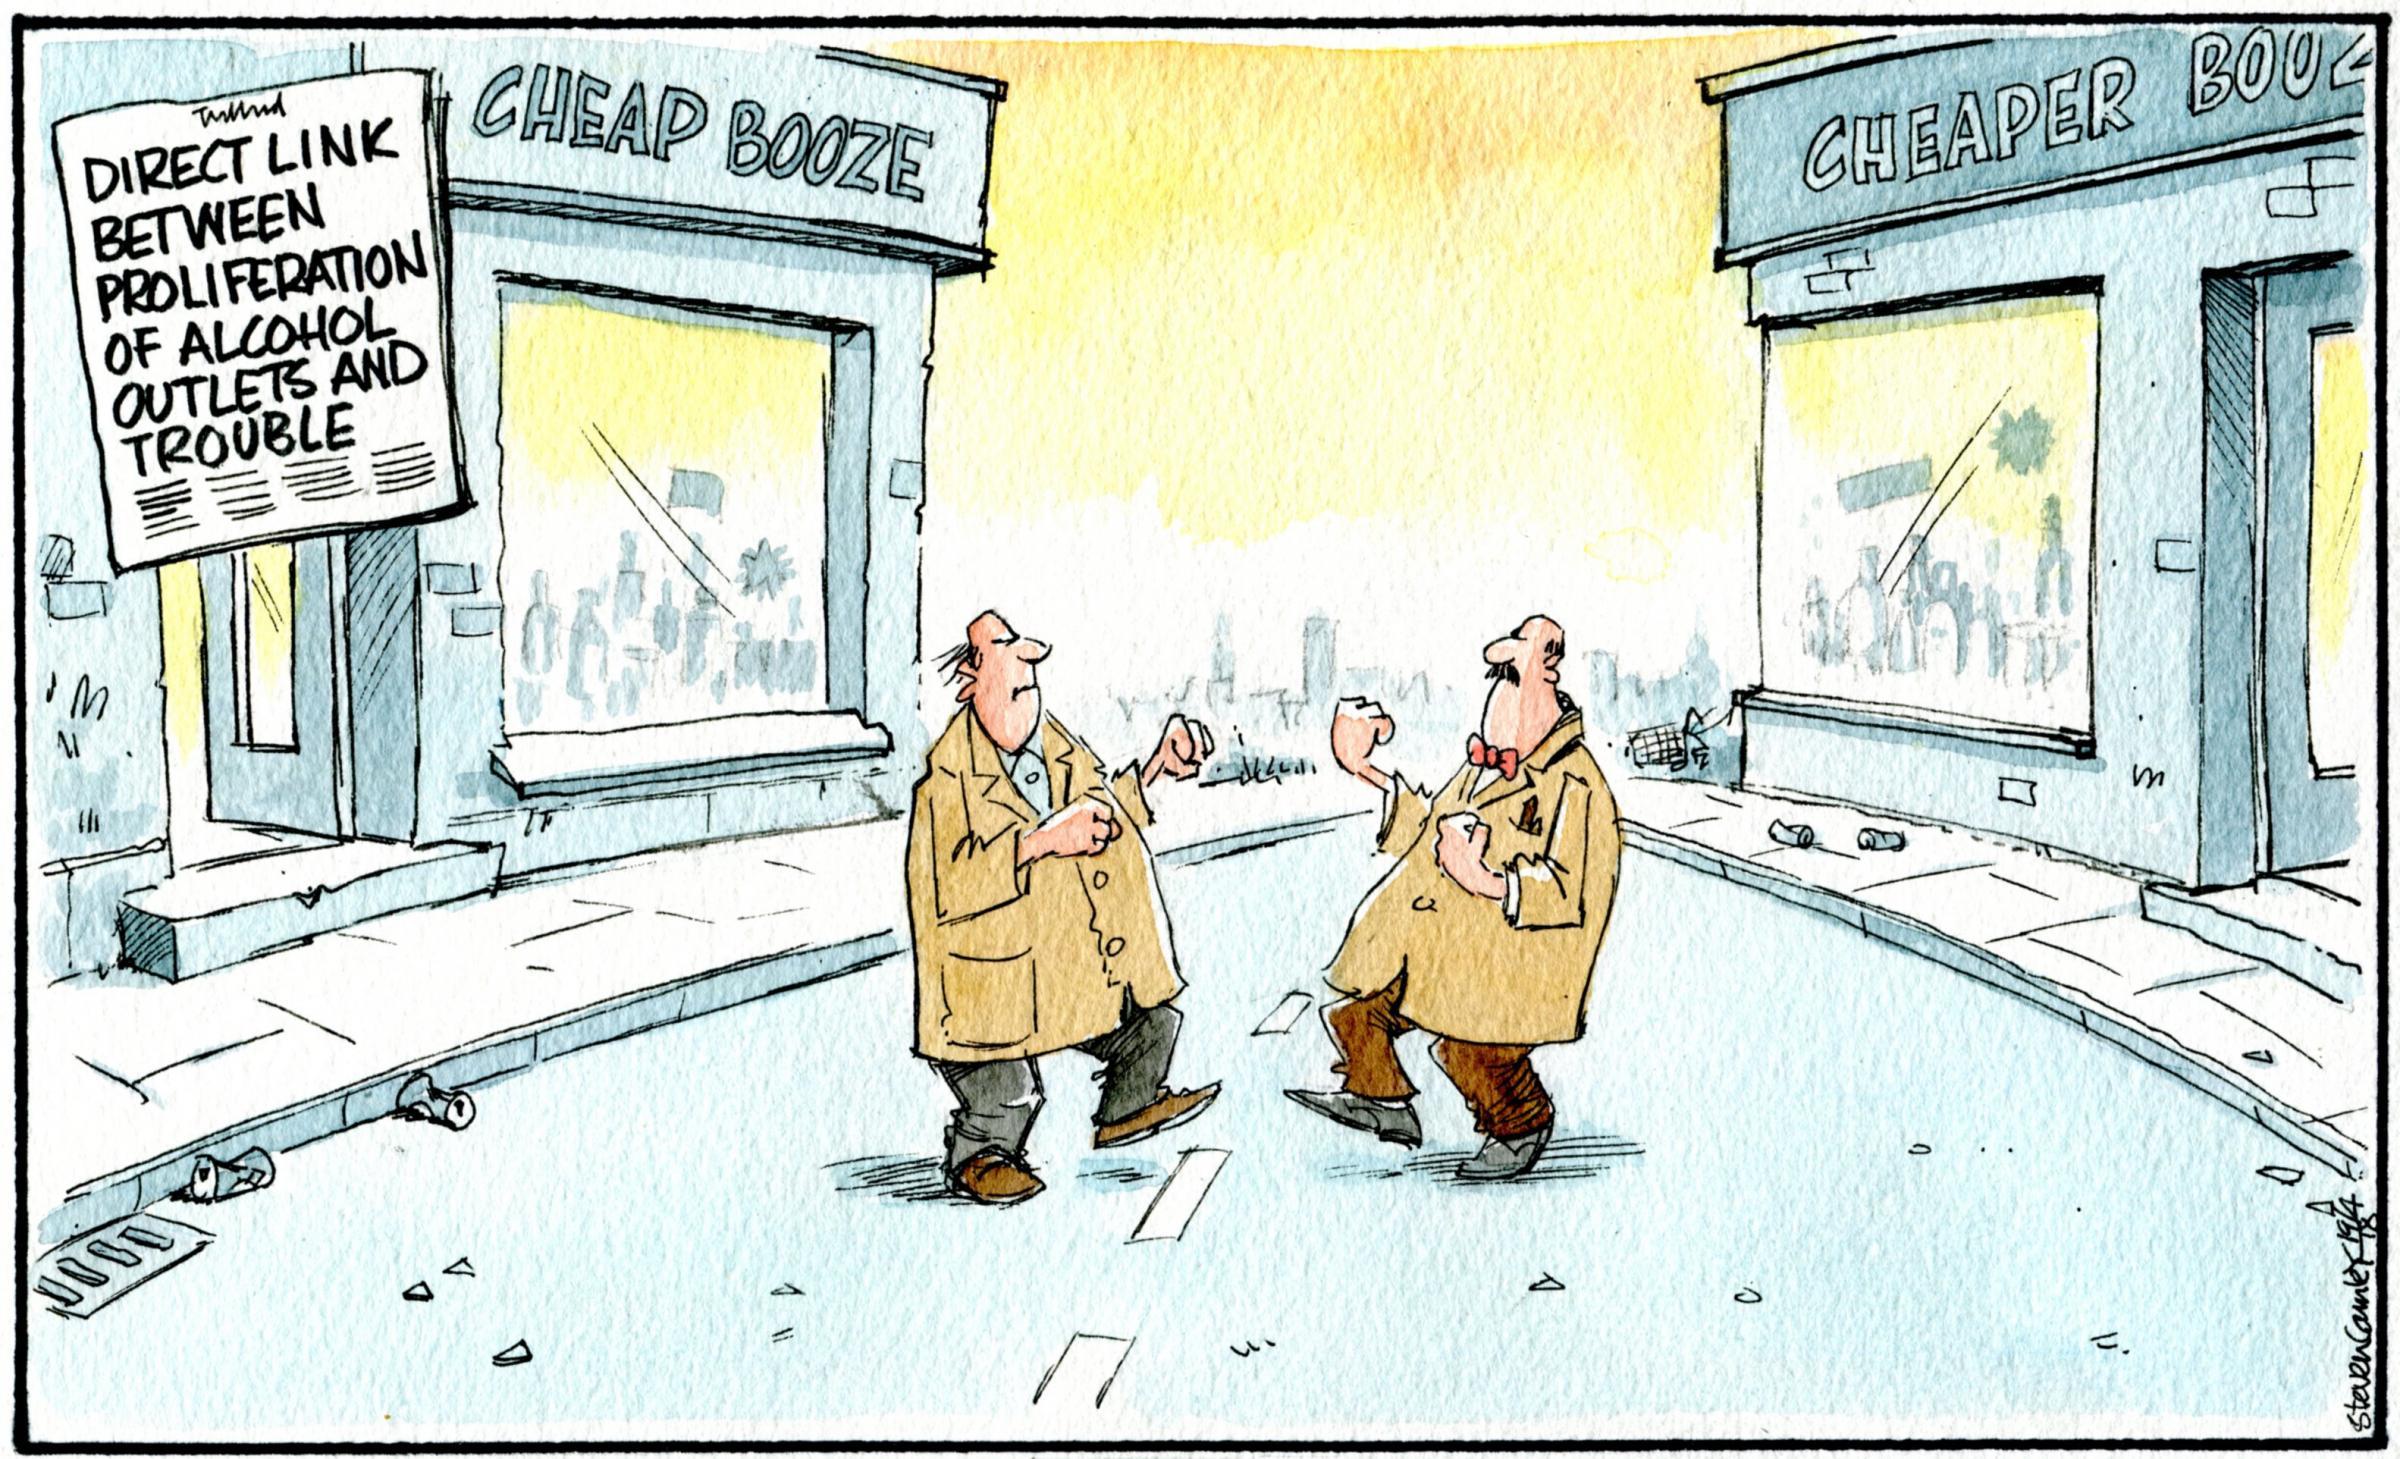 Camley's Cartoon on Thursday, April 19